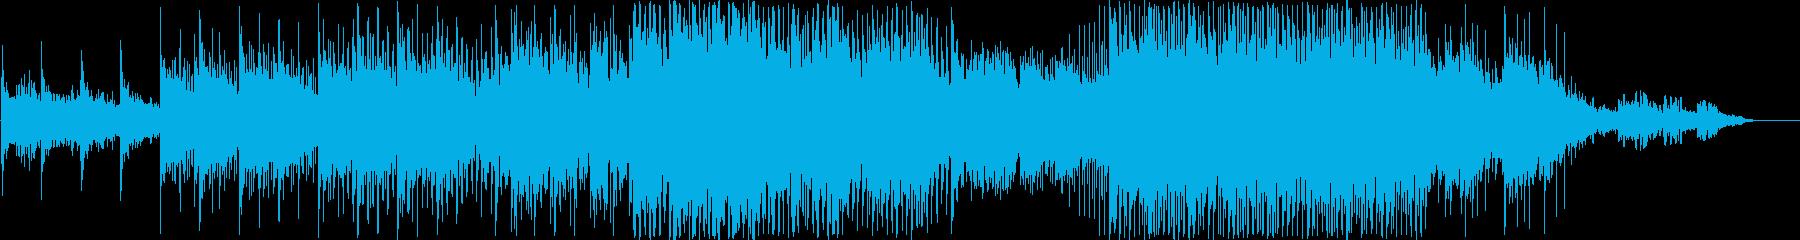 クリスマス ストリングス 木琴 ピ...の再生済みの波形